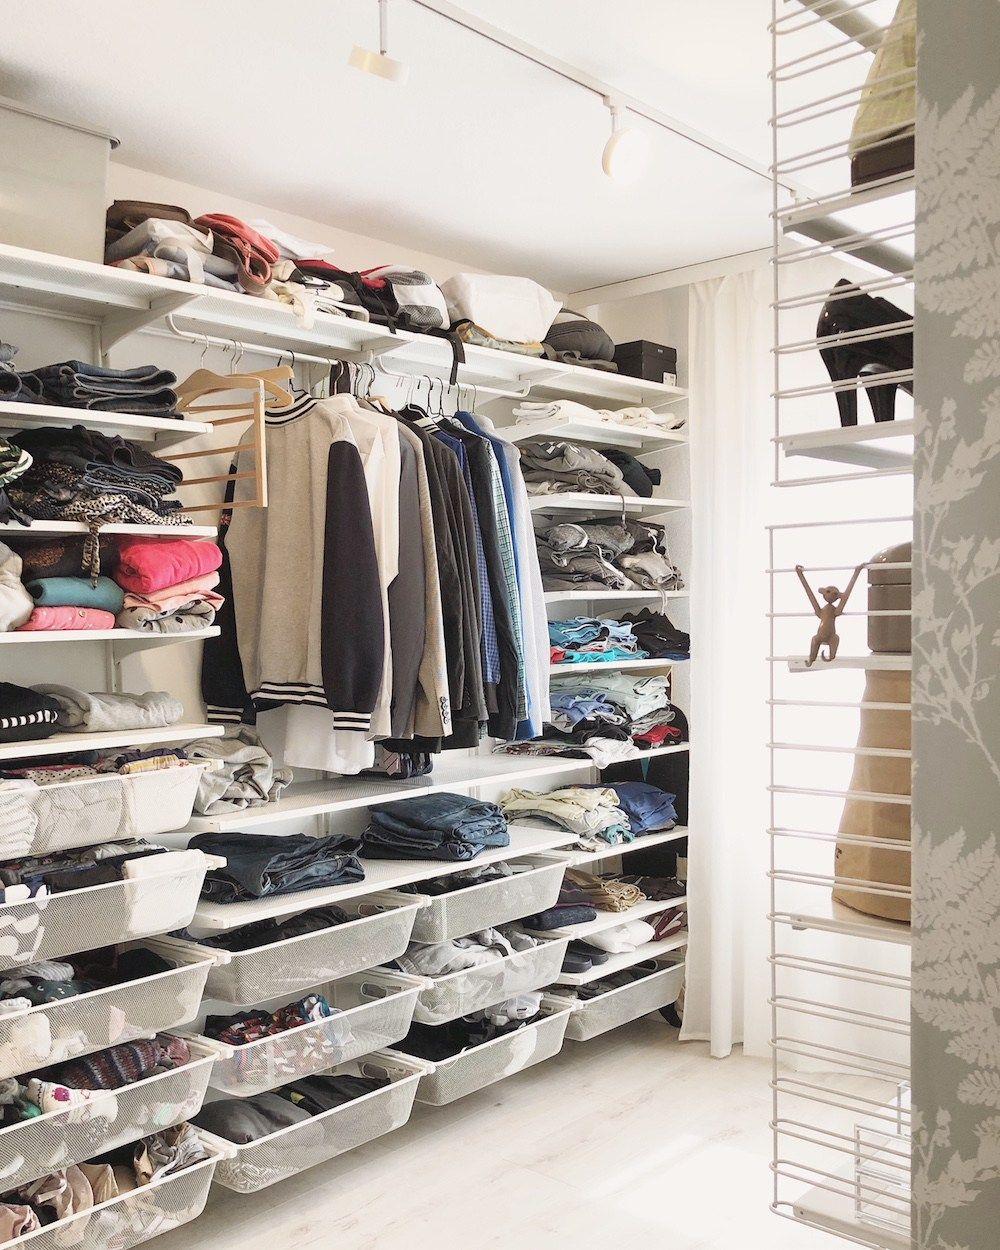 Organisation Im Ankleidezimmer Tipps Und Ideen Fur Den Begehbaren Kleiderschrank Ankleide Zimmer Ankleide Ankleidezimmer